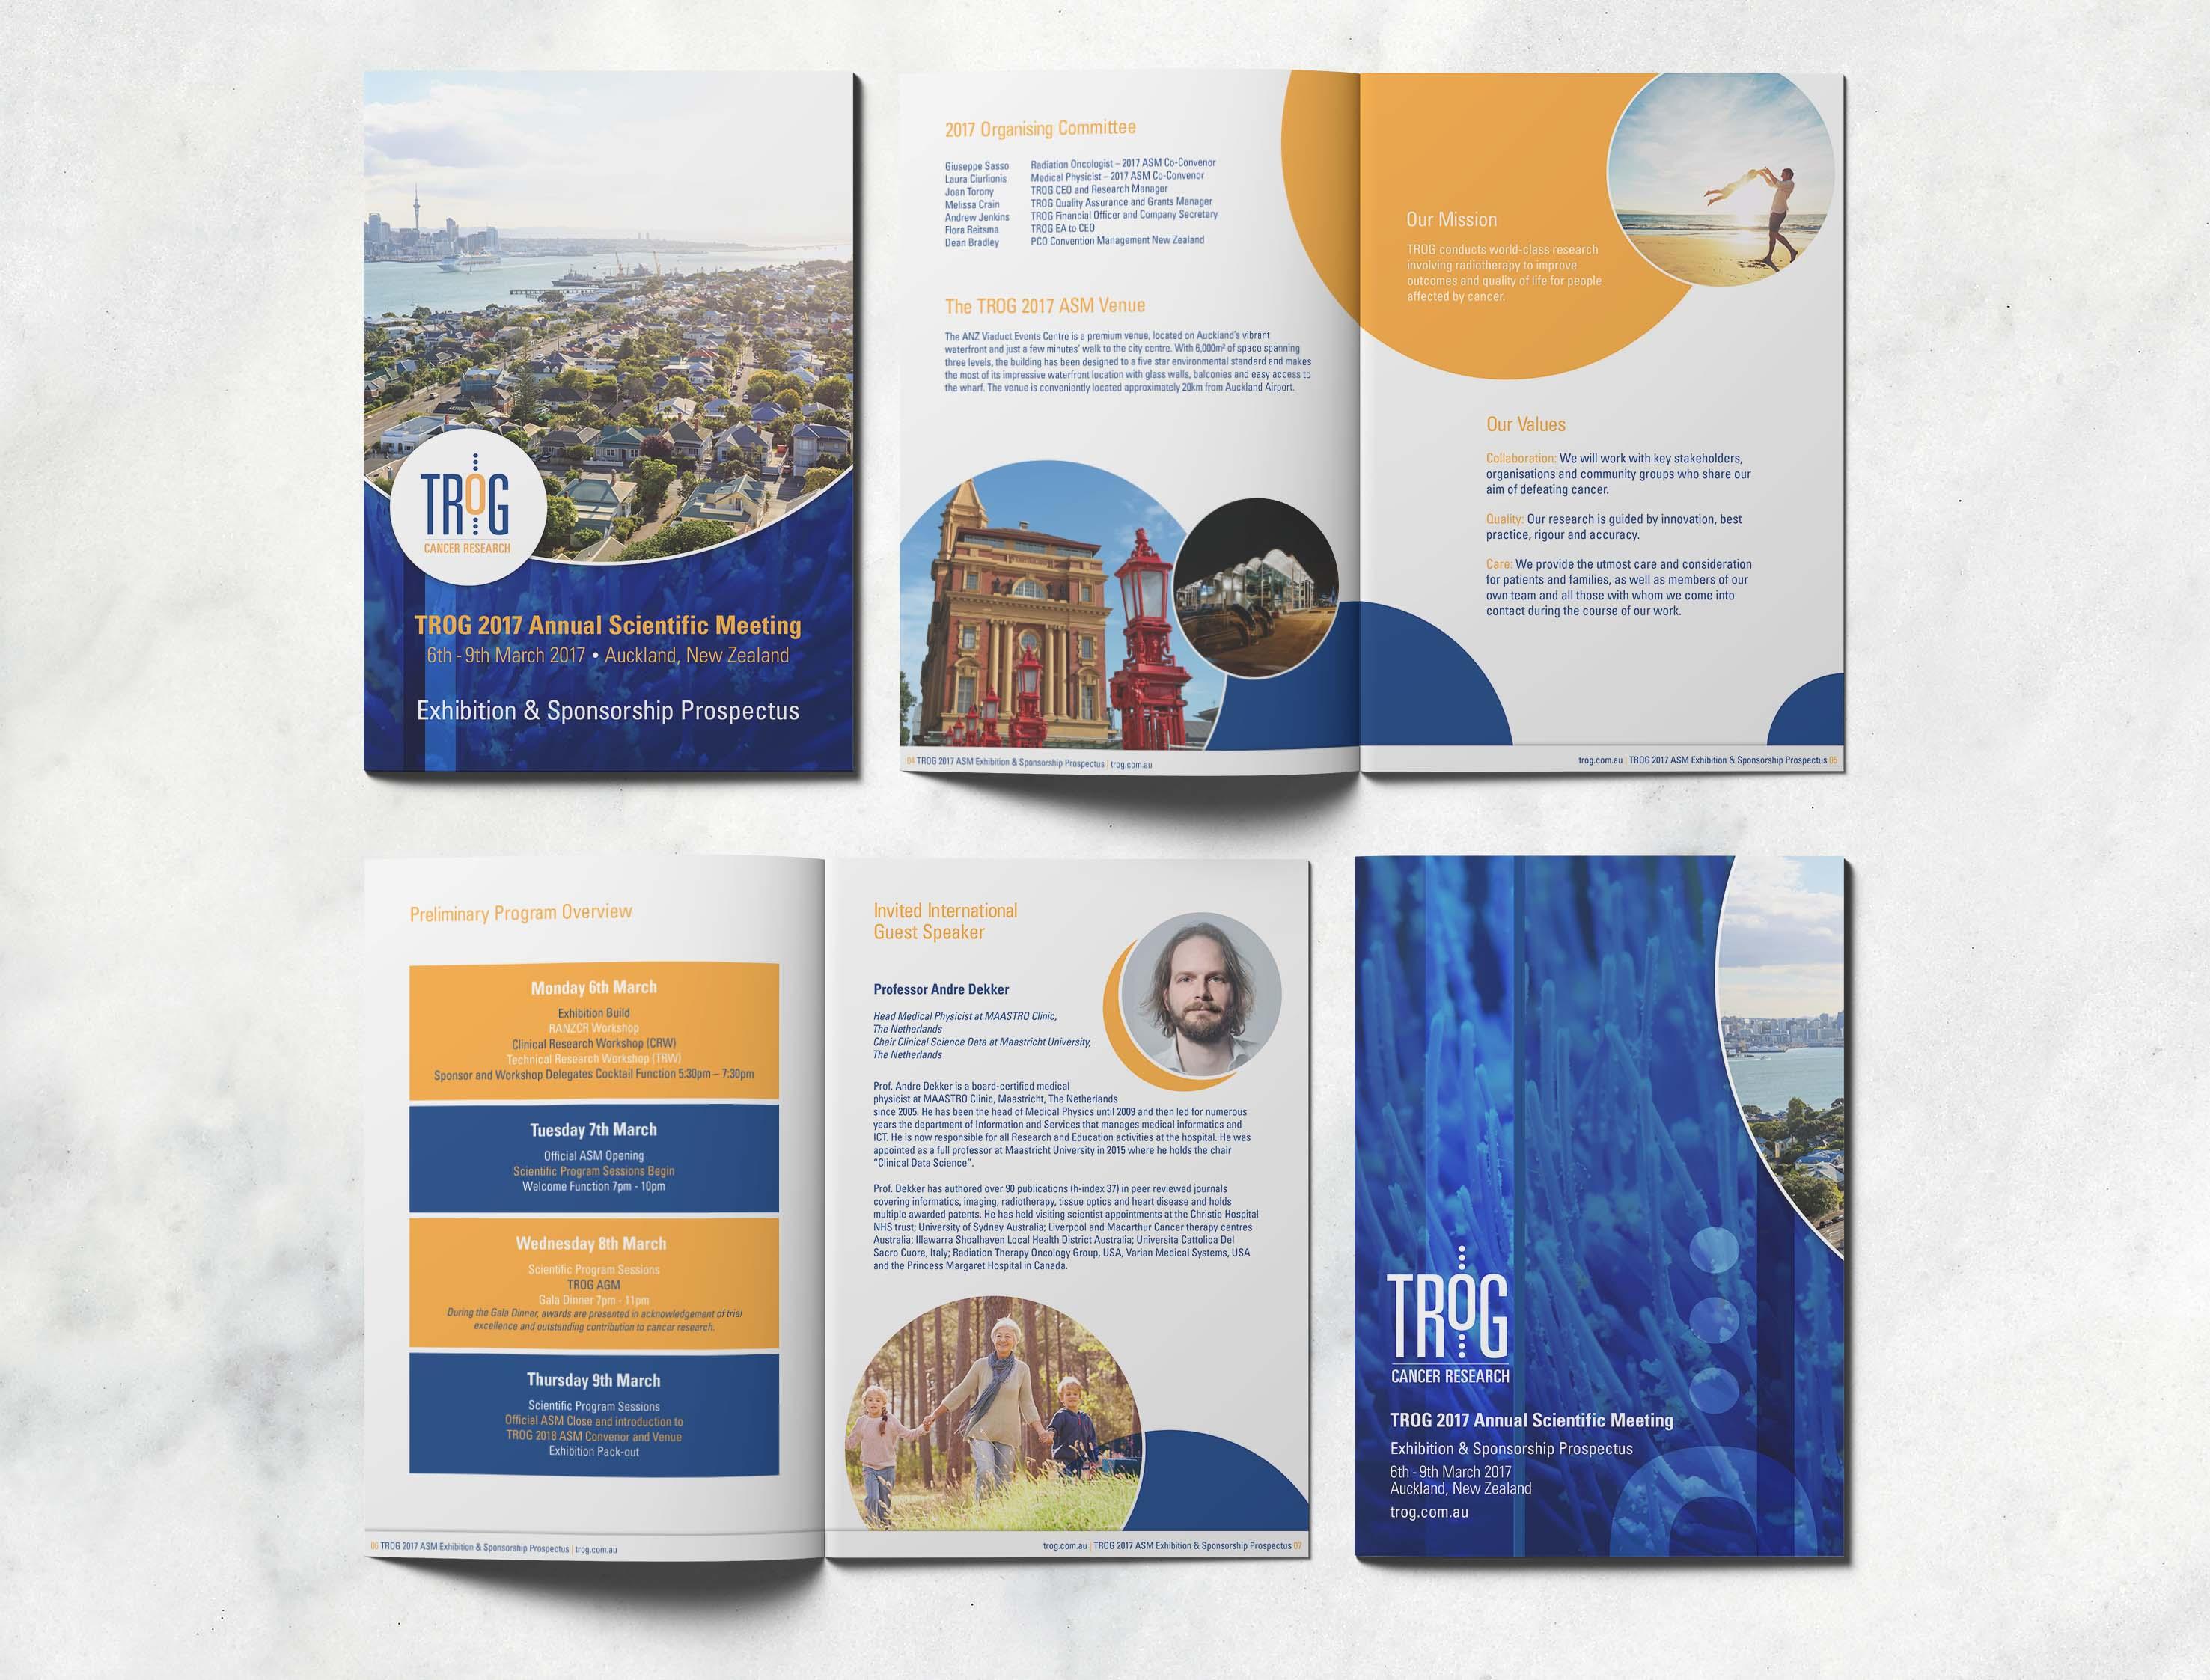 TROG Brochure Conference